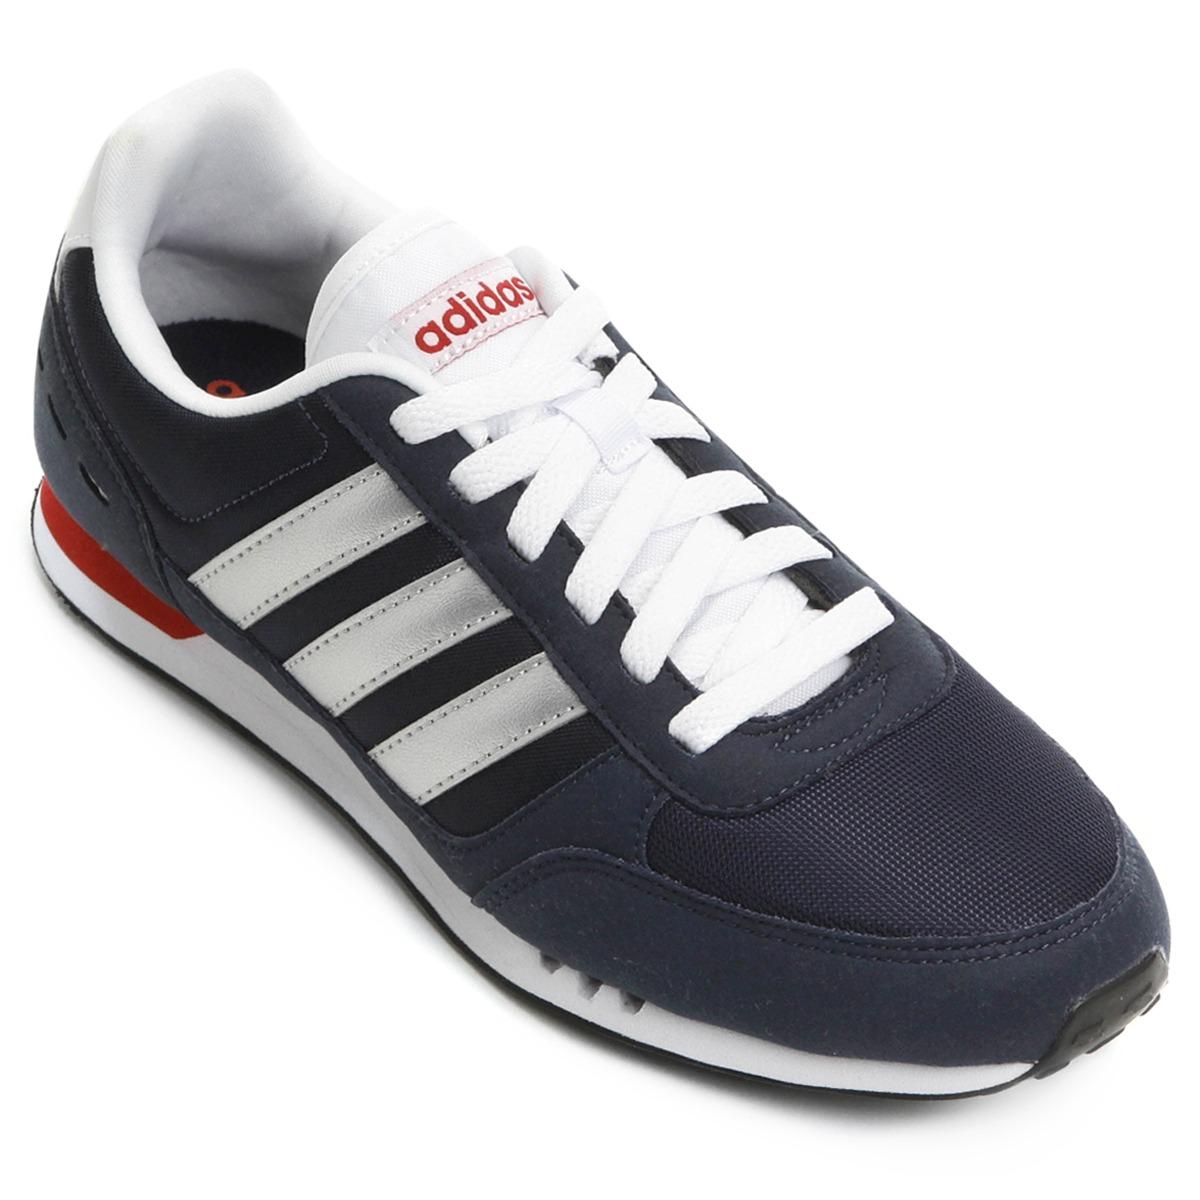 812d7f191d5 tênis adidas city racer. Carregando zoom.